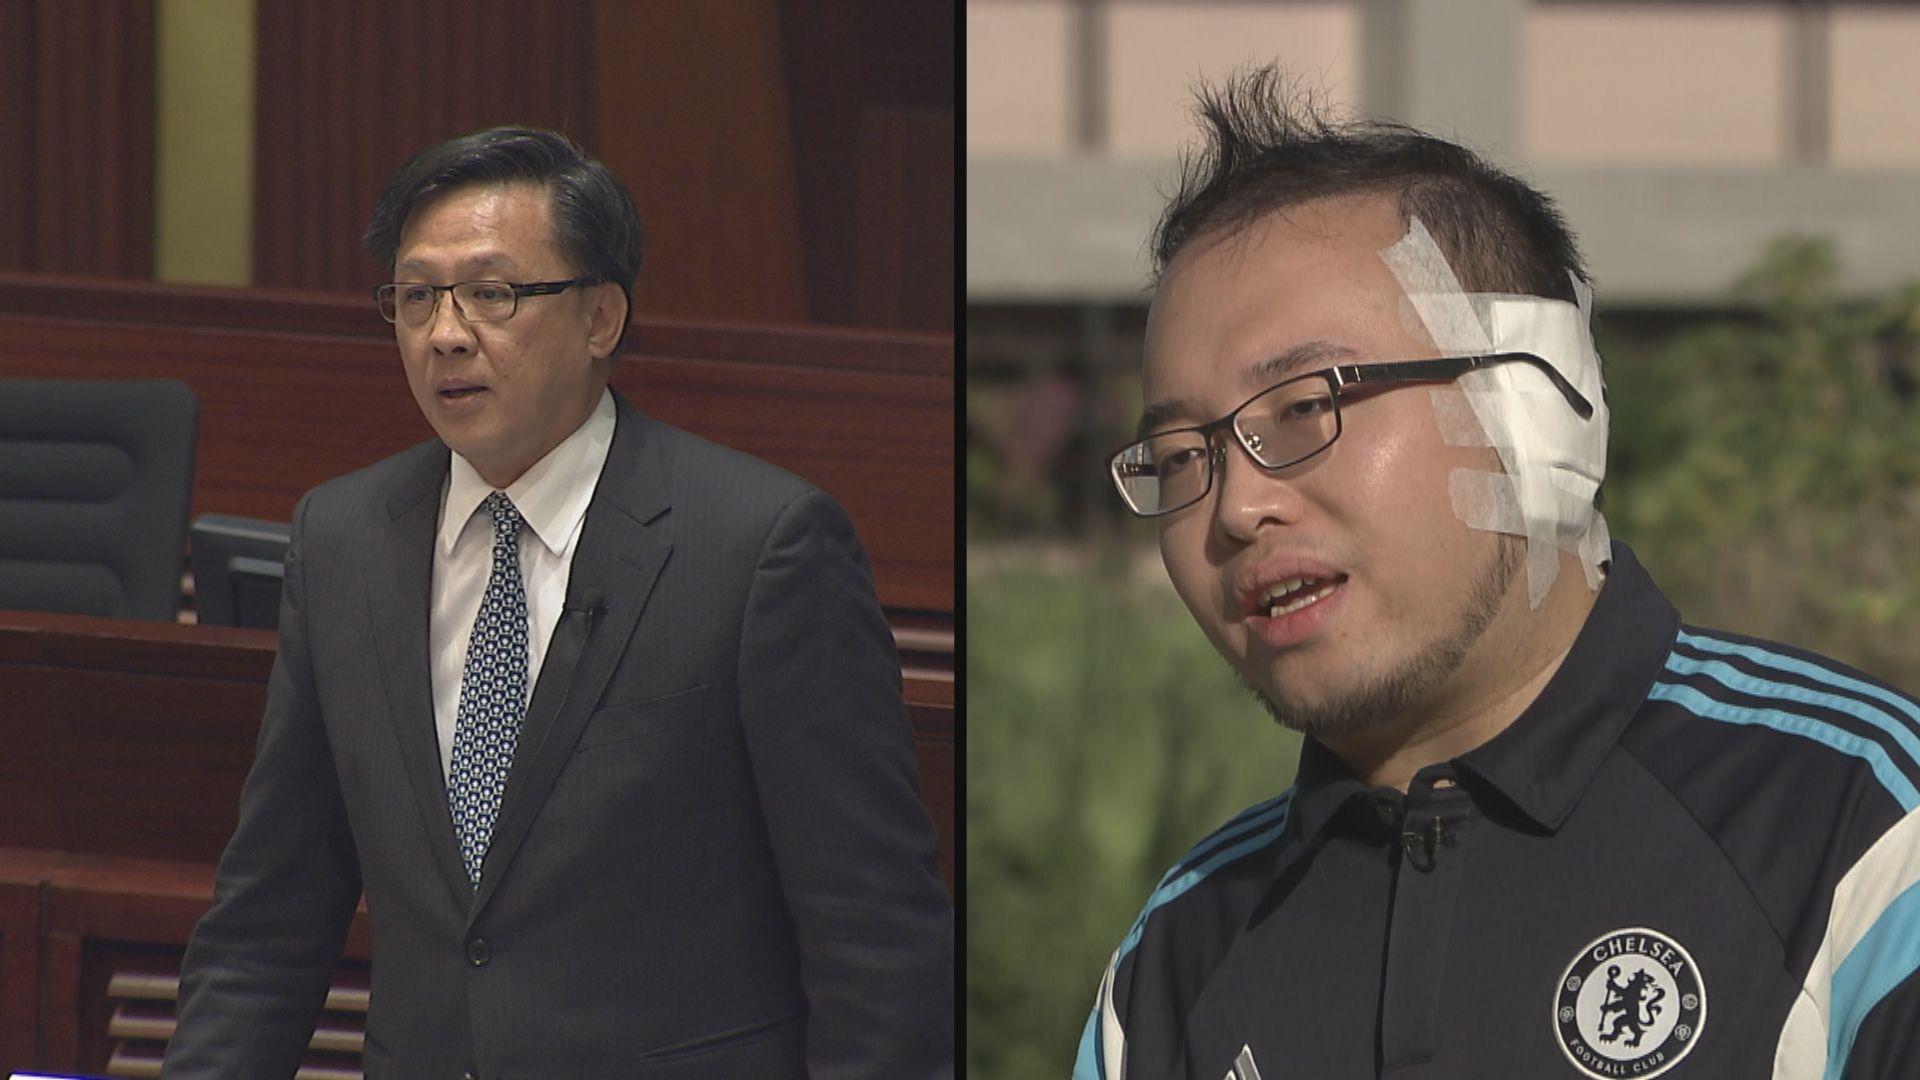 區選期間不同陣營候選人遇襲 趙家賢:一生不忘耳朵撕裂聲音